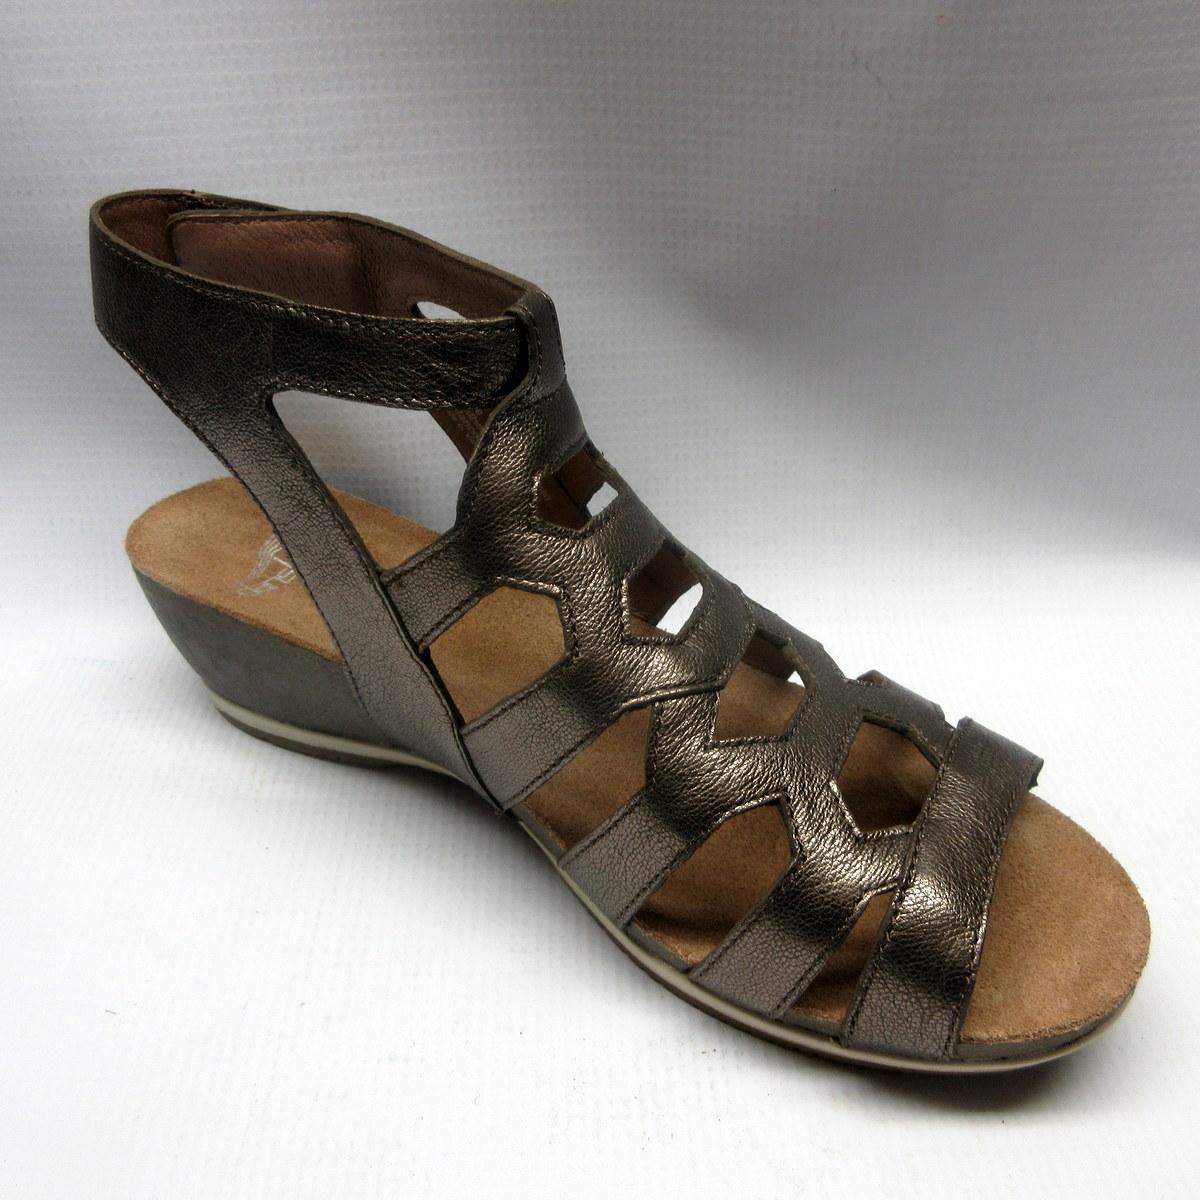 Dansko Brigitte Tomato Red Leather Sandal Women/'s sizes 37 and 40 NEW!!!